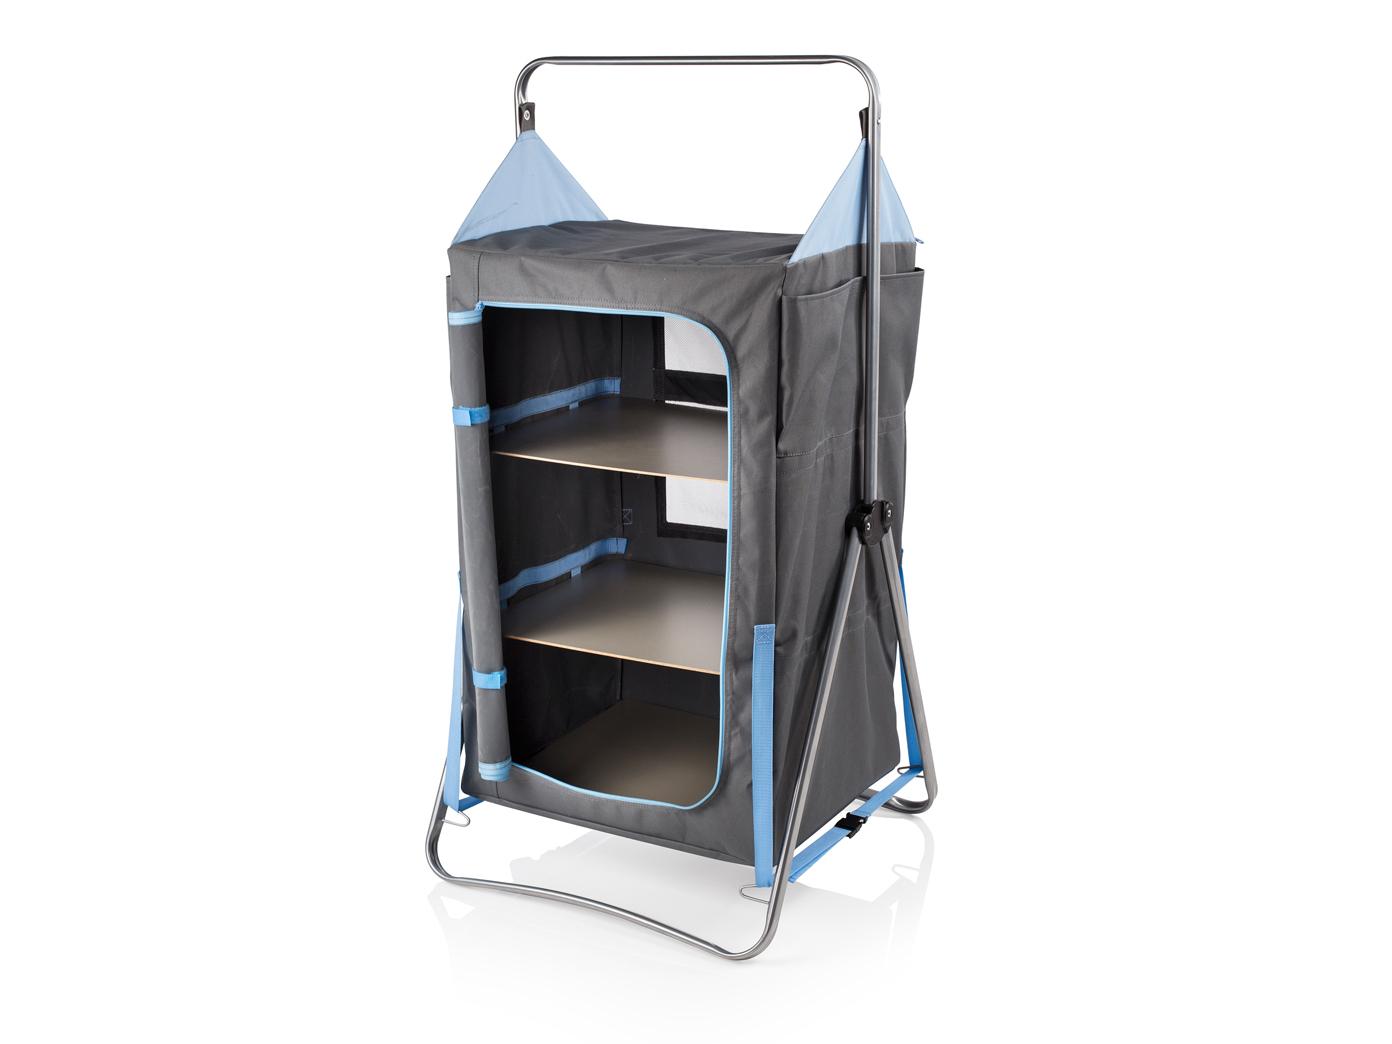 Faltbarer Vorzelt 3 Kleiderschrank, Stahlrahmen, 3 Vorzelt Fächer, Stoffbezug Polyester f6222e